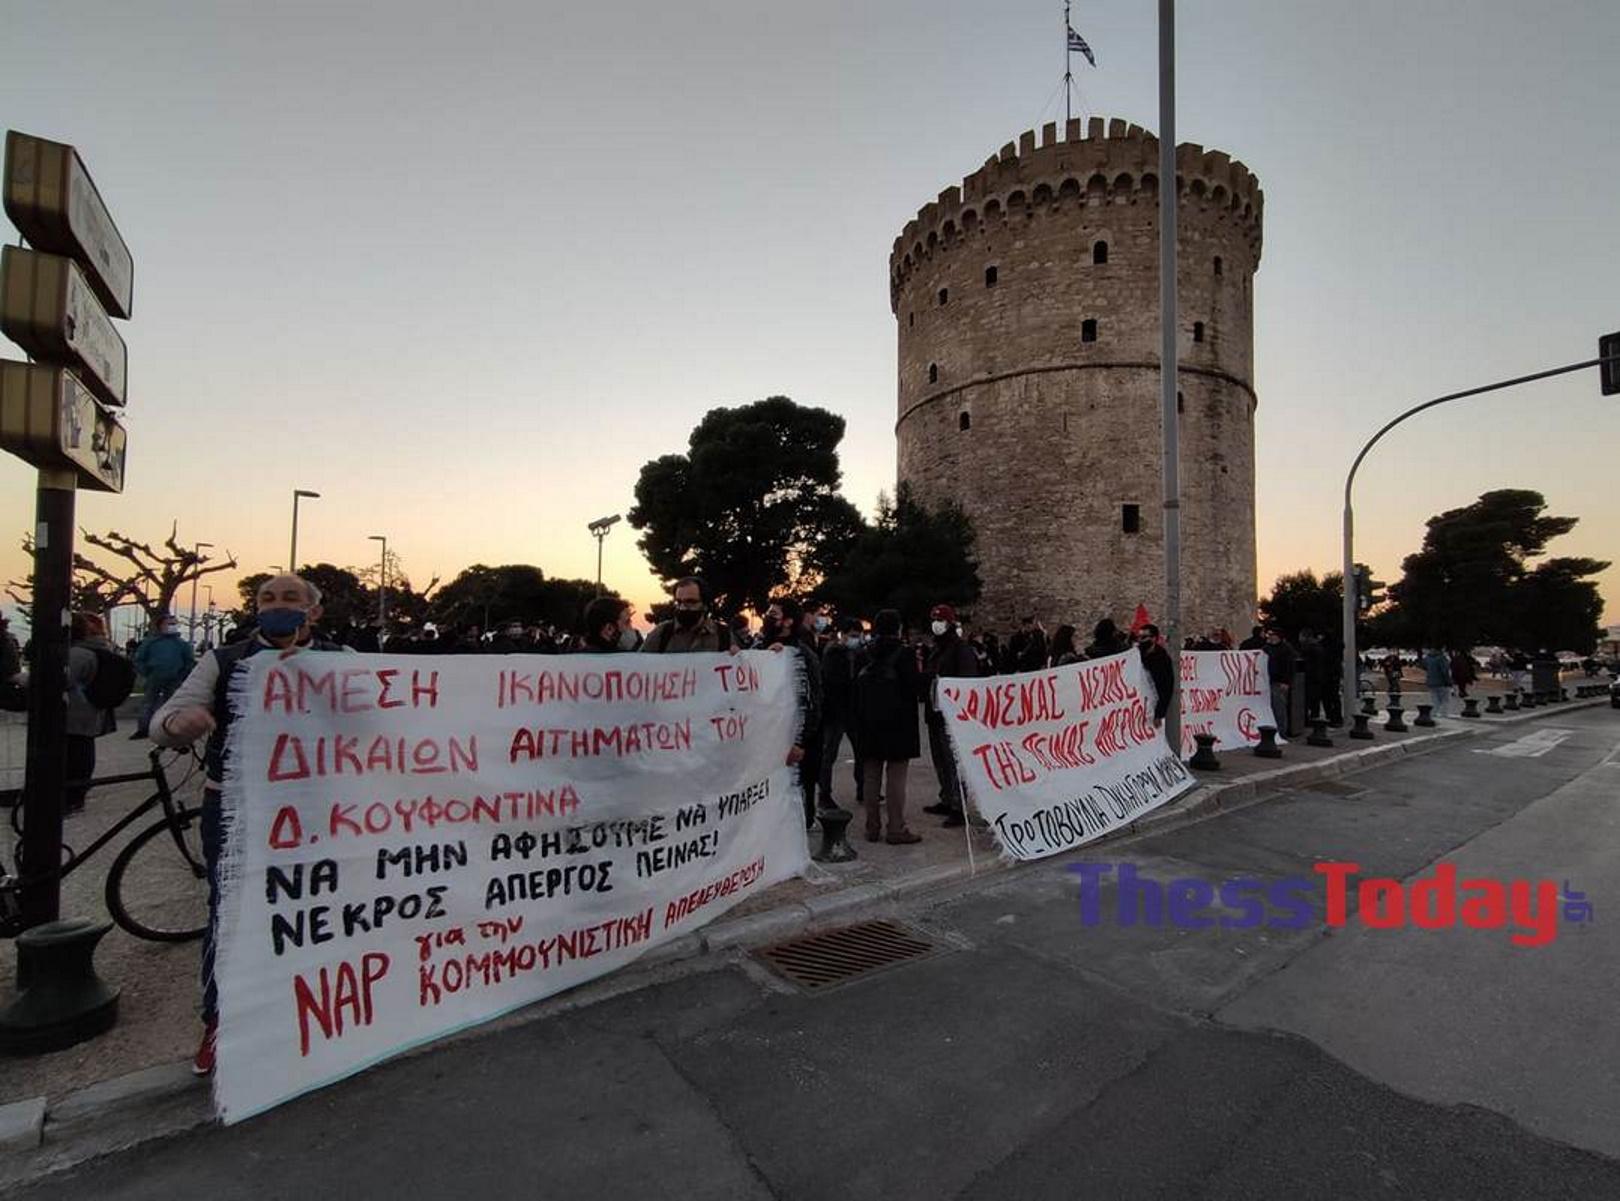 Θεσσαλονίκη: Διαμαρτυρία υπέρ του Κουφοντίνα στον Λευκό Πύργο (pics)